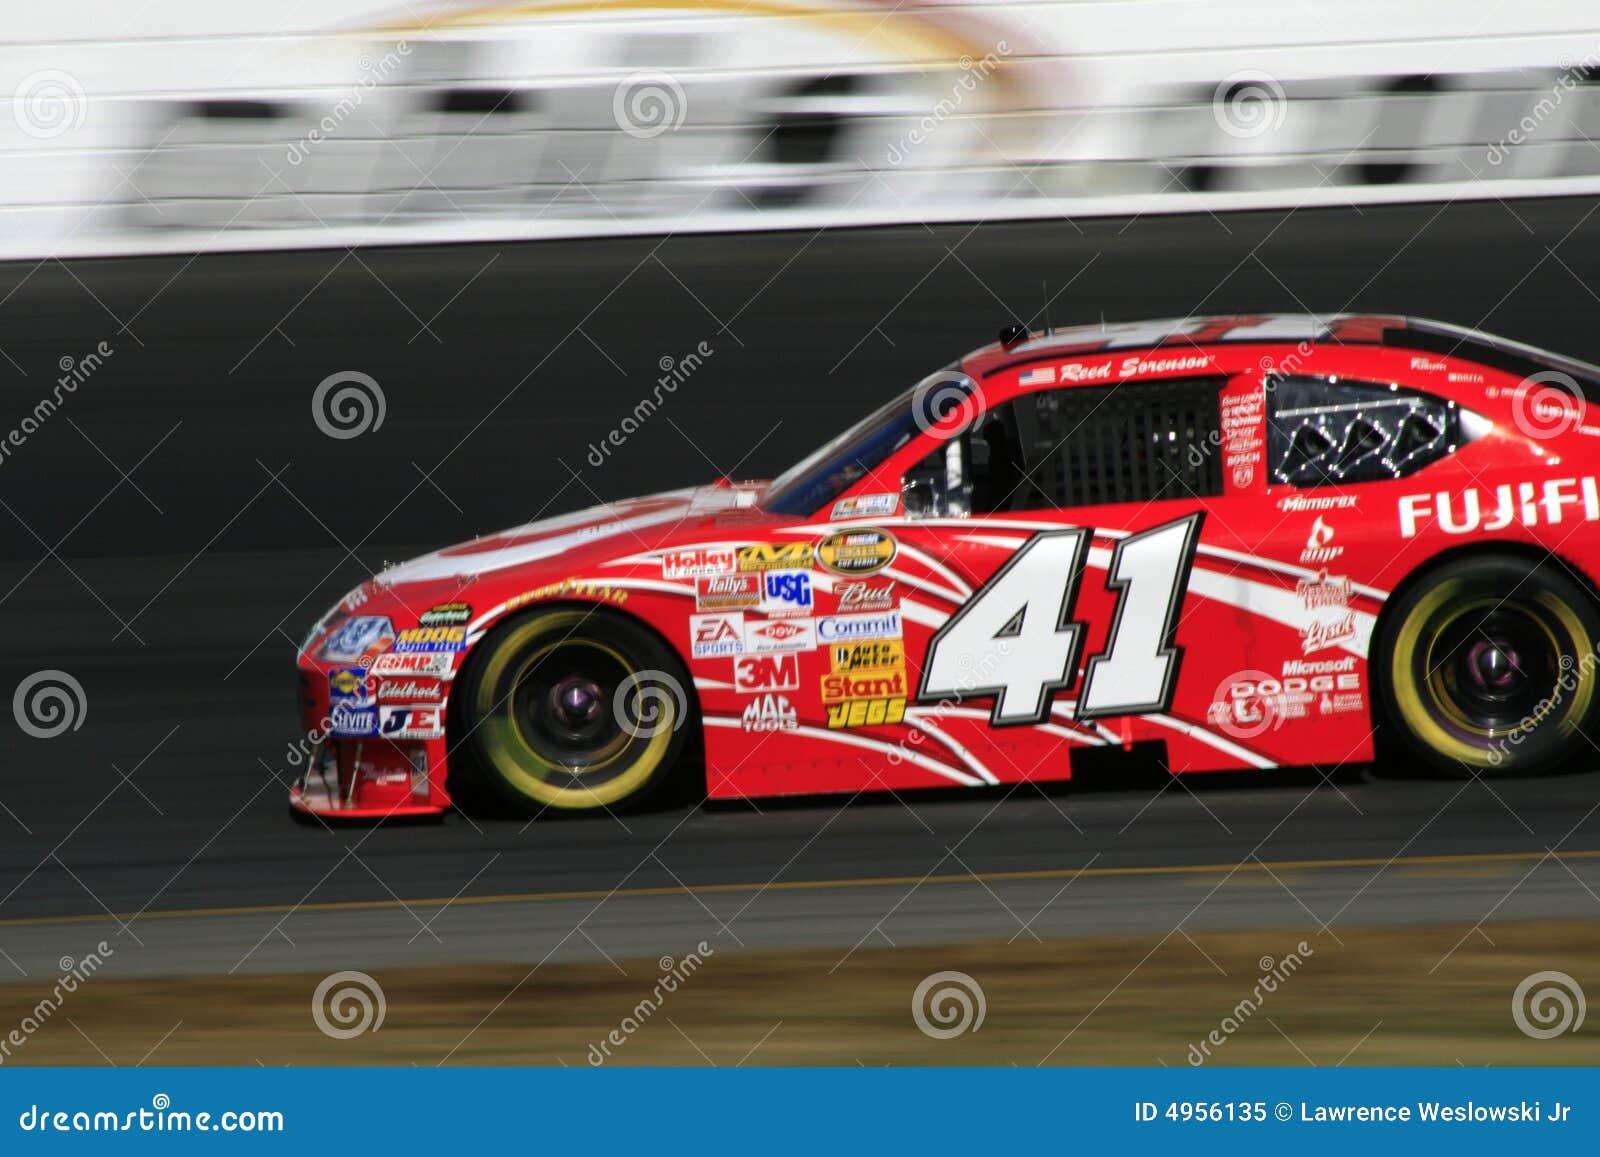 Jeff Gordon Race Car Pictures